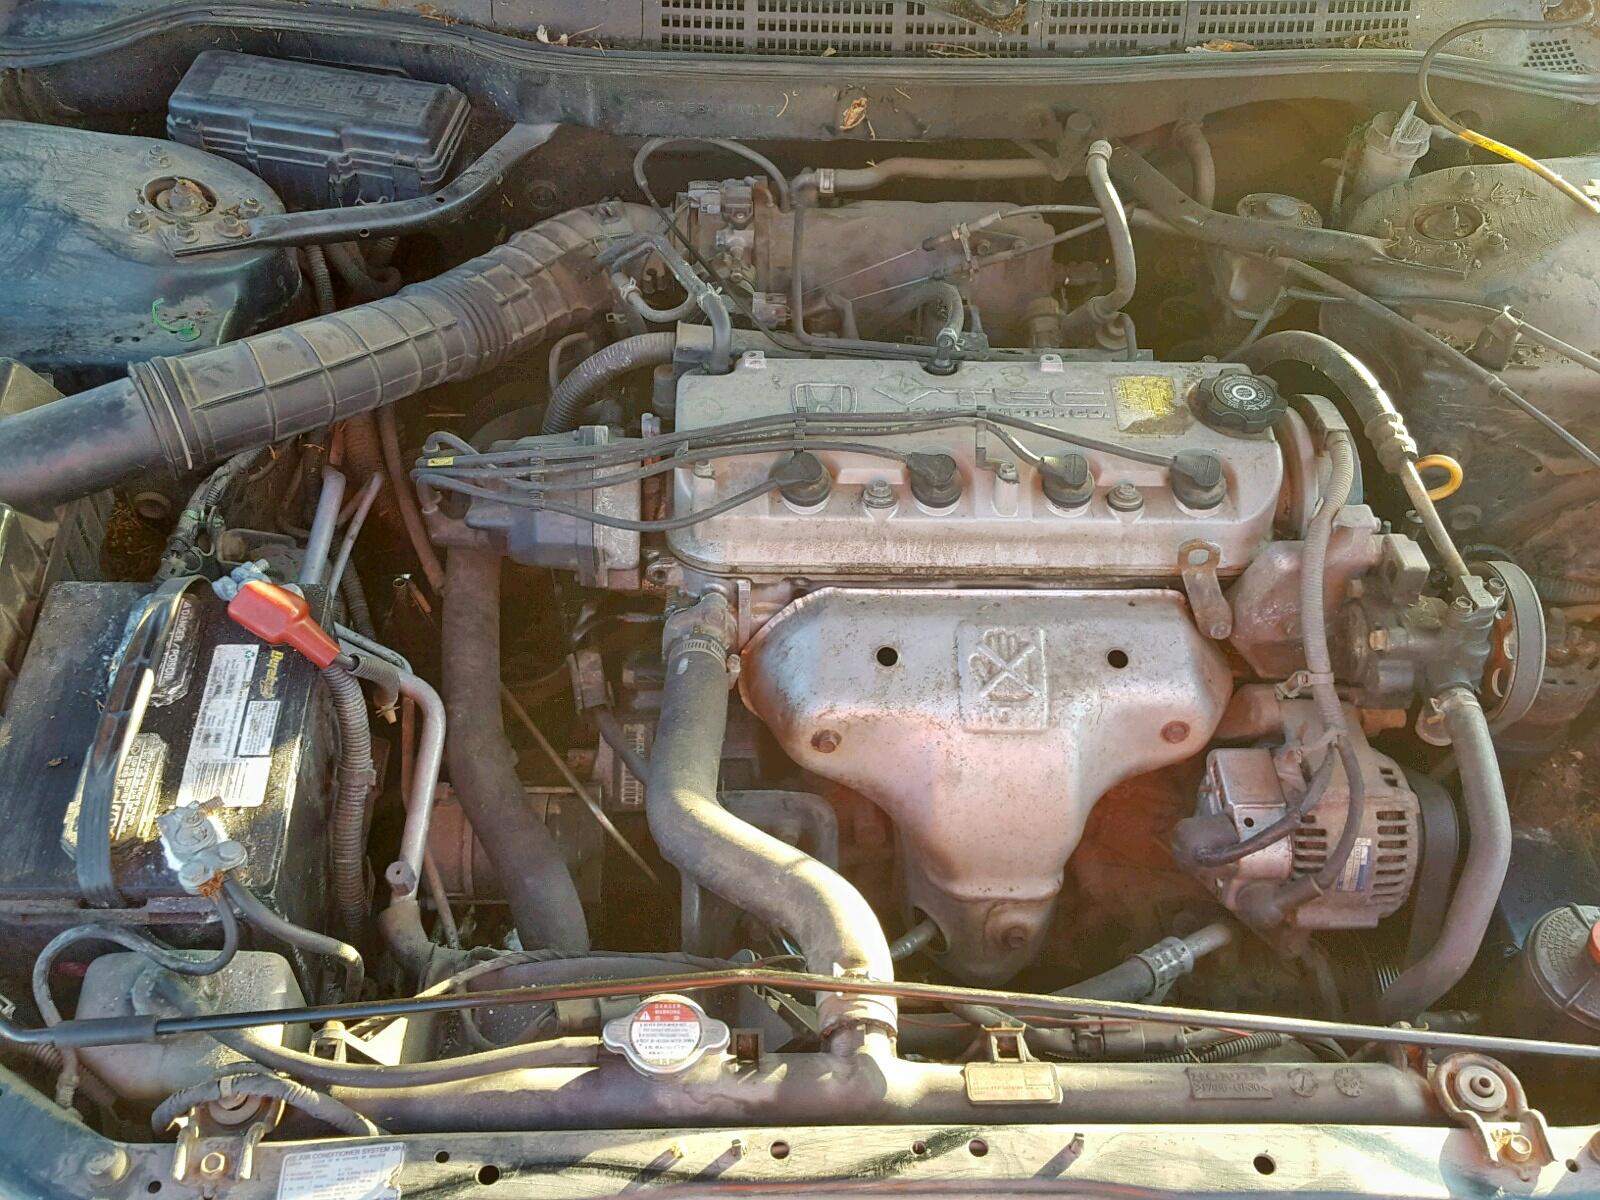 1998 Honda Accord Lx For Sale At Copart Prairie Grove Ar Lot 54707918